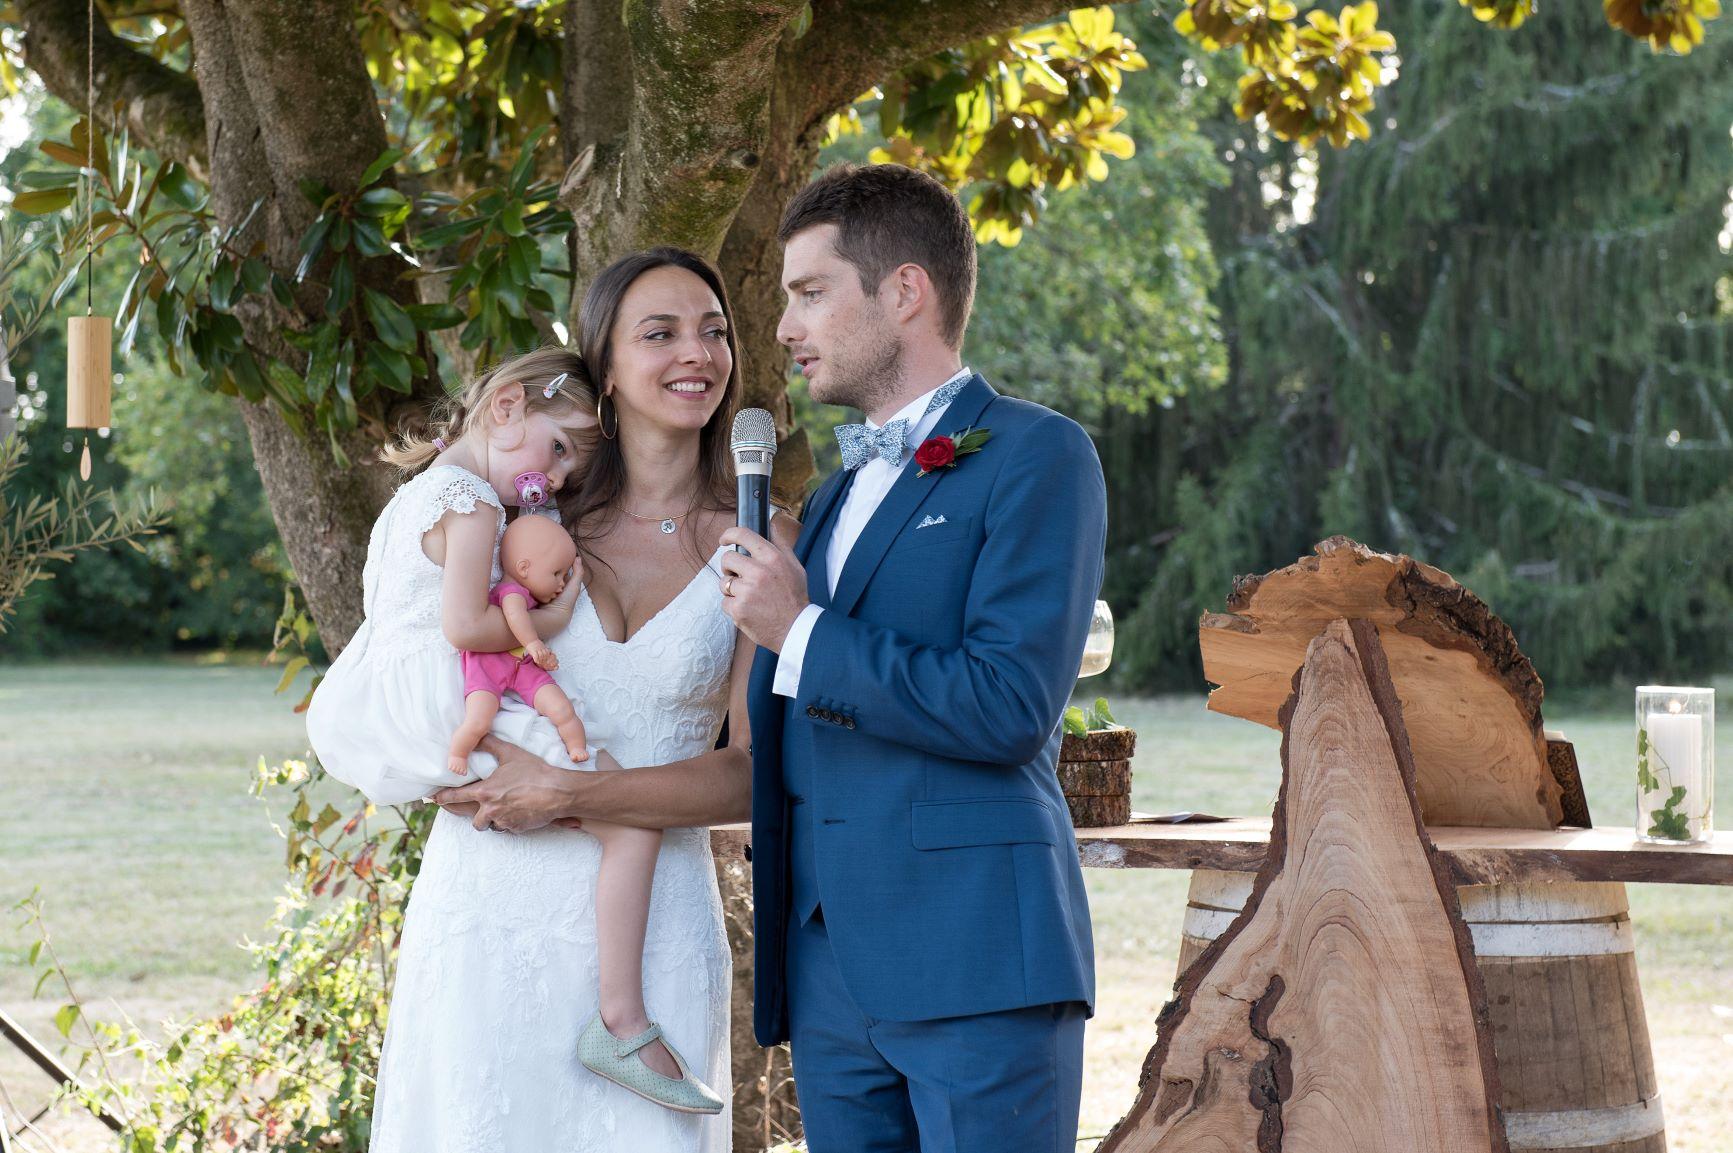 Les maries avec leur fille lors de la ceremonie symbolique de mariage